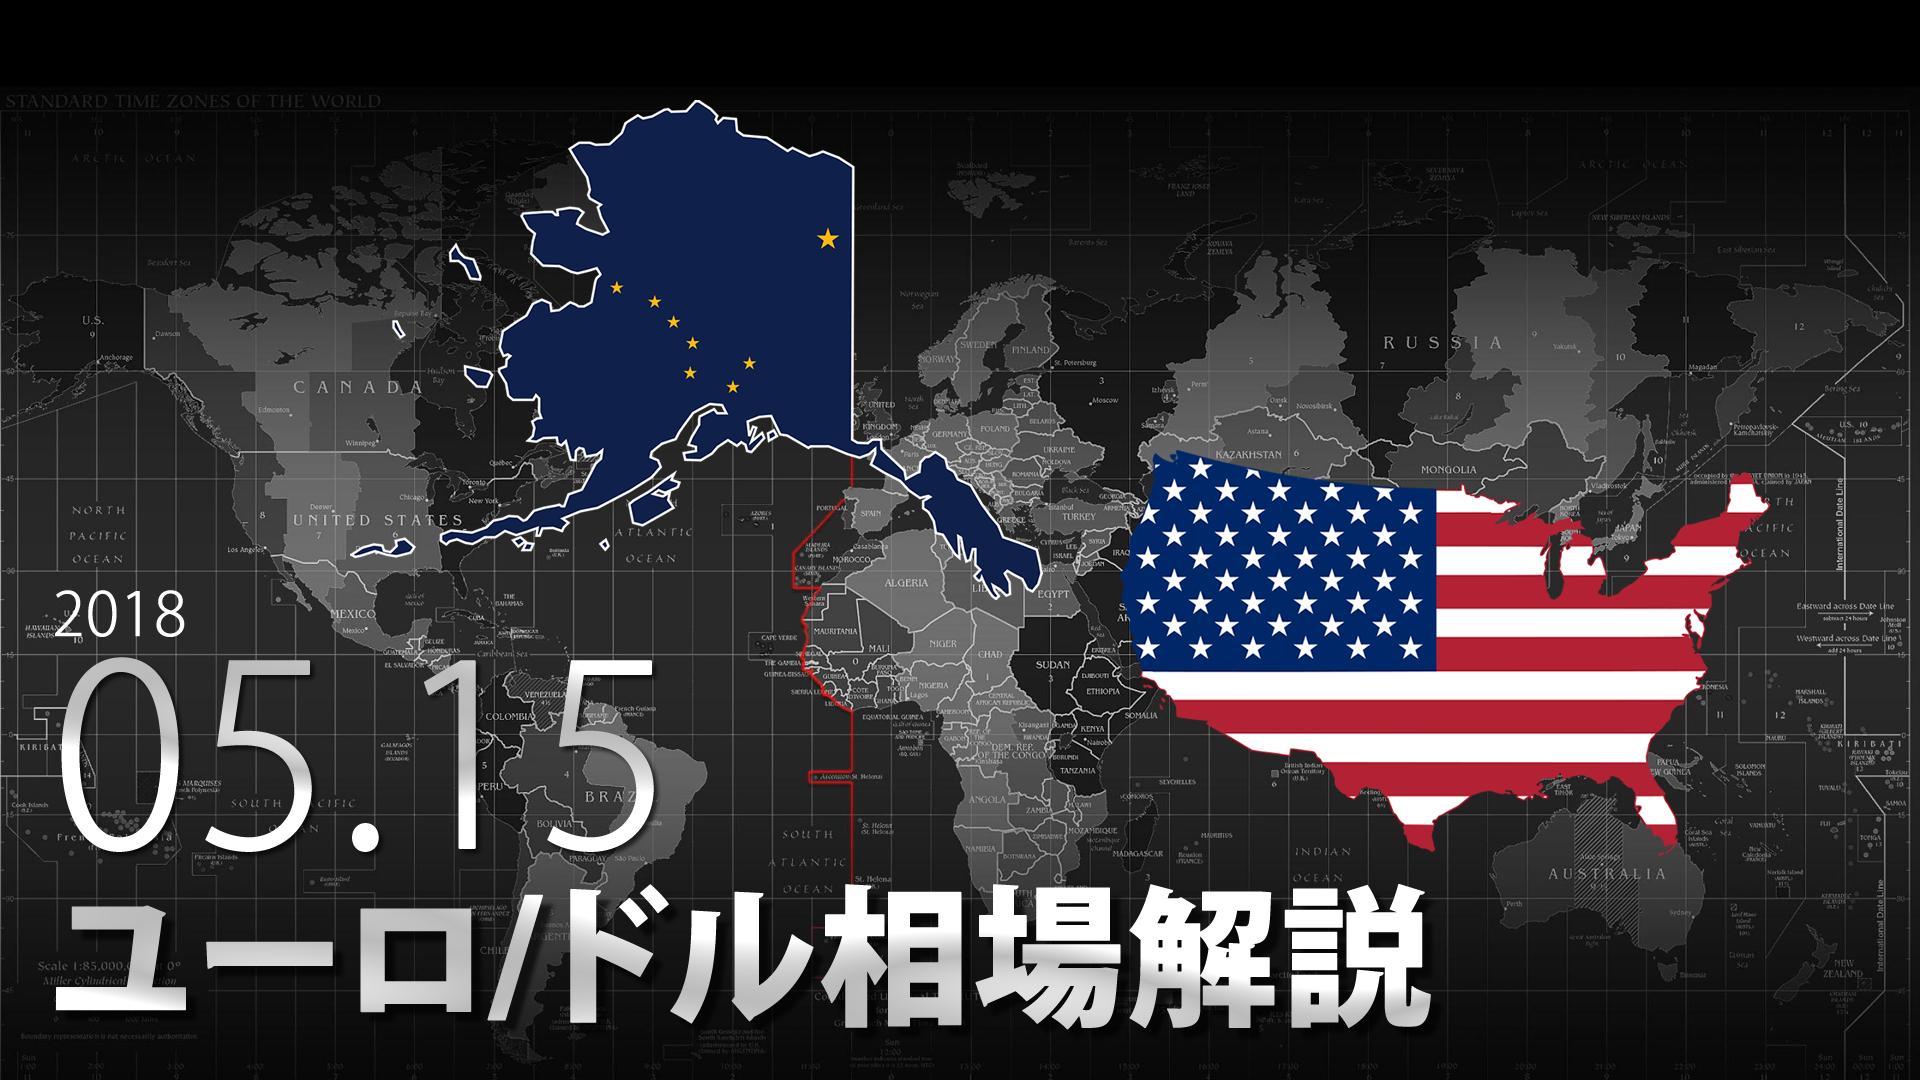 米長期金利は2011年7月以来の高水準、ドル円も110円を回復